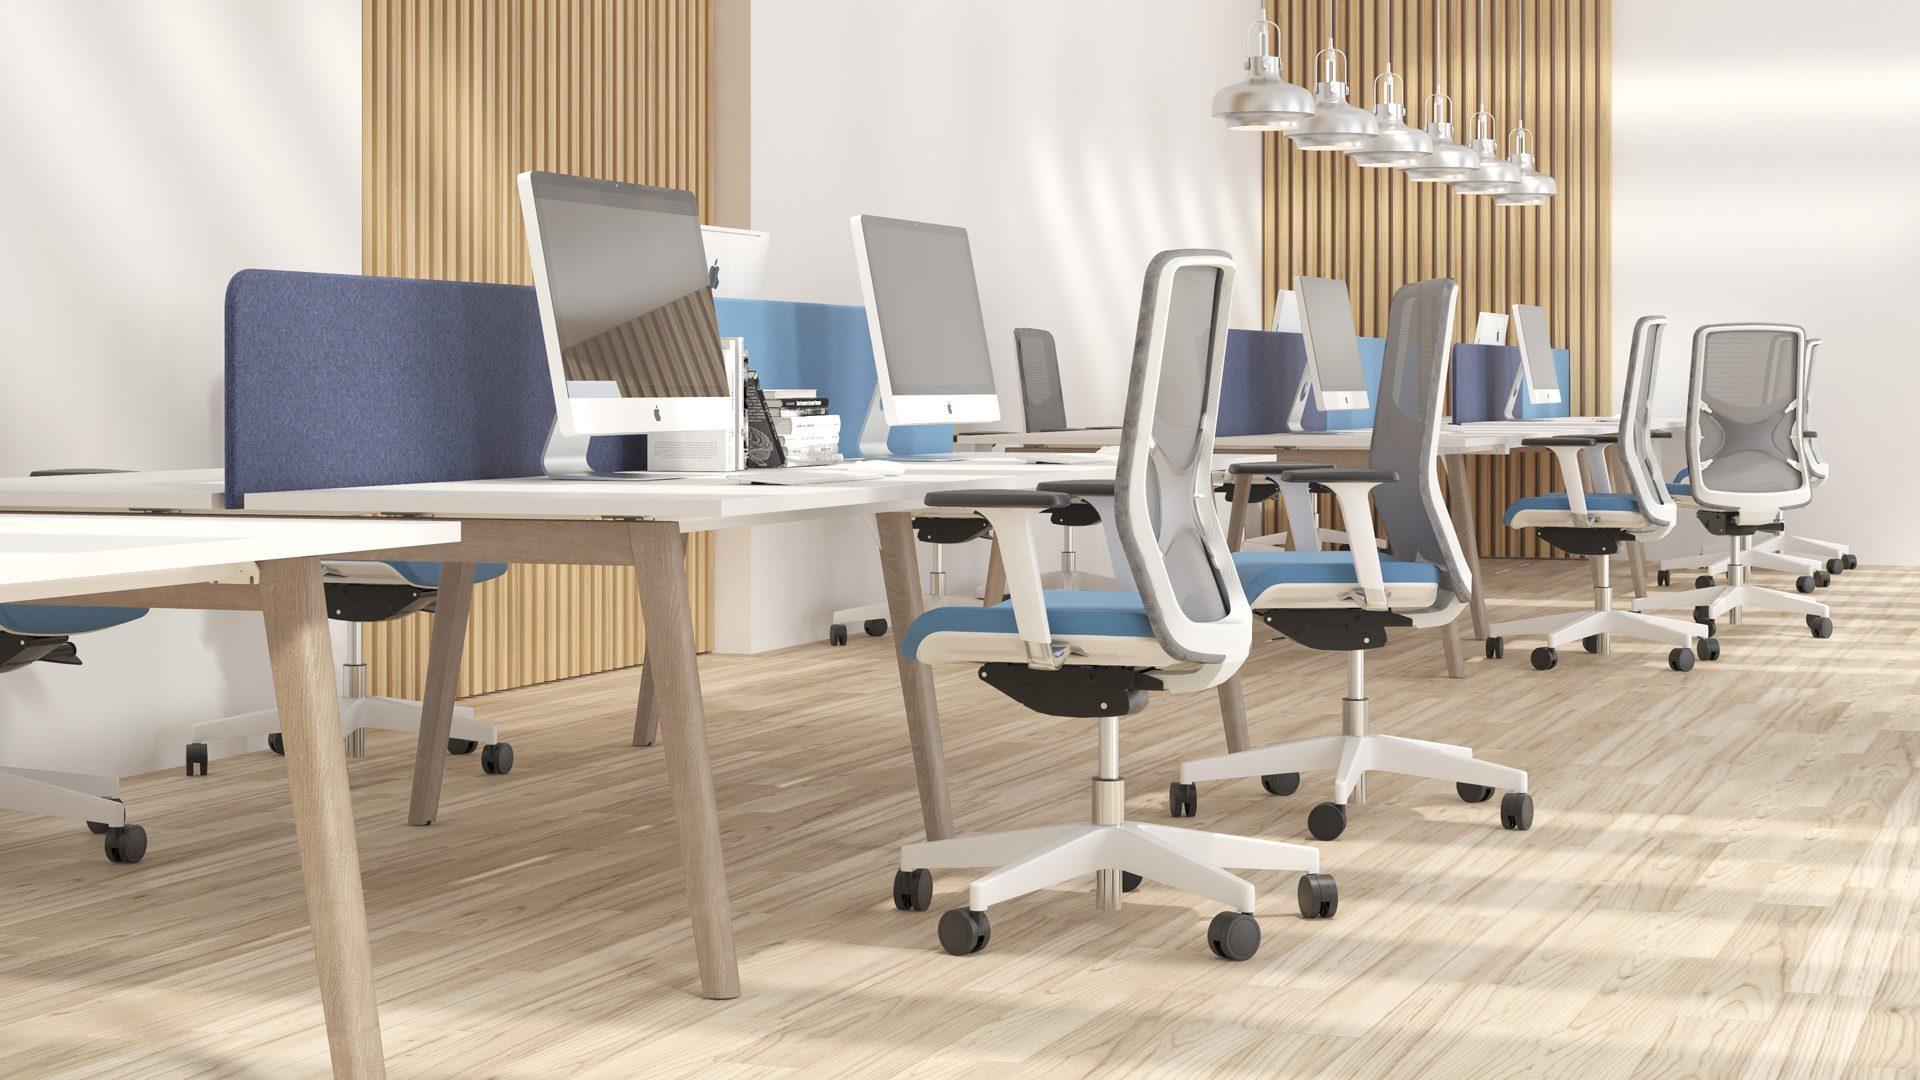 NOVA Wood darba galds ar akustiskajām starpsienām un biroja galdiem